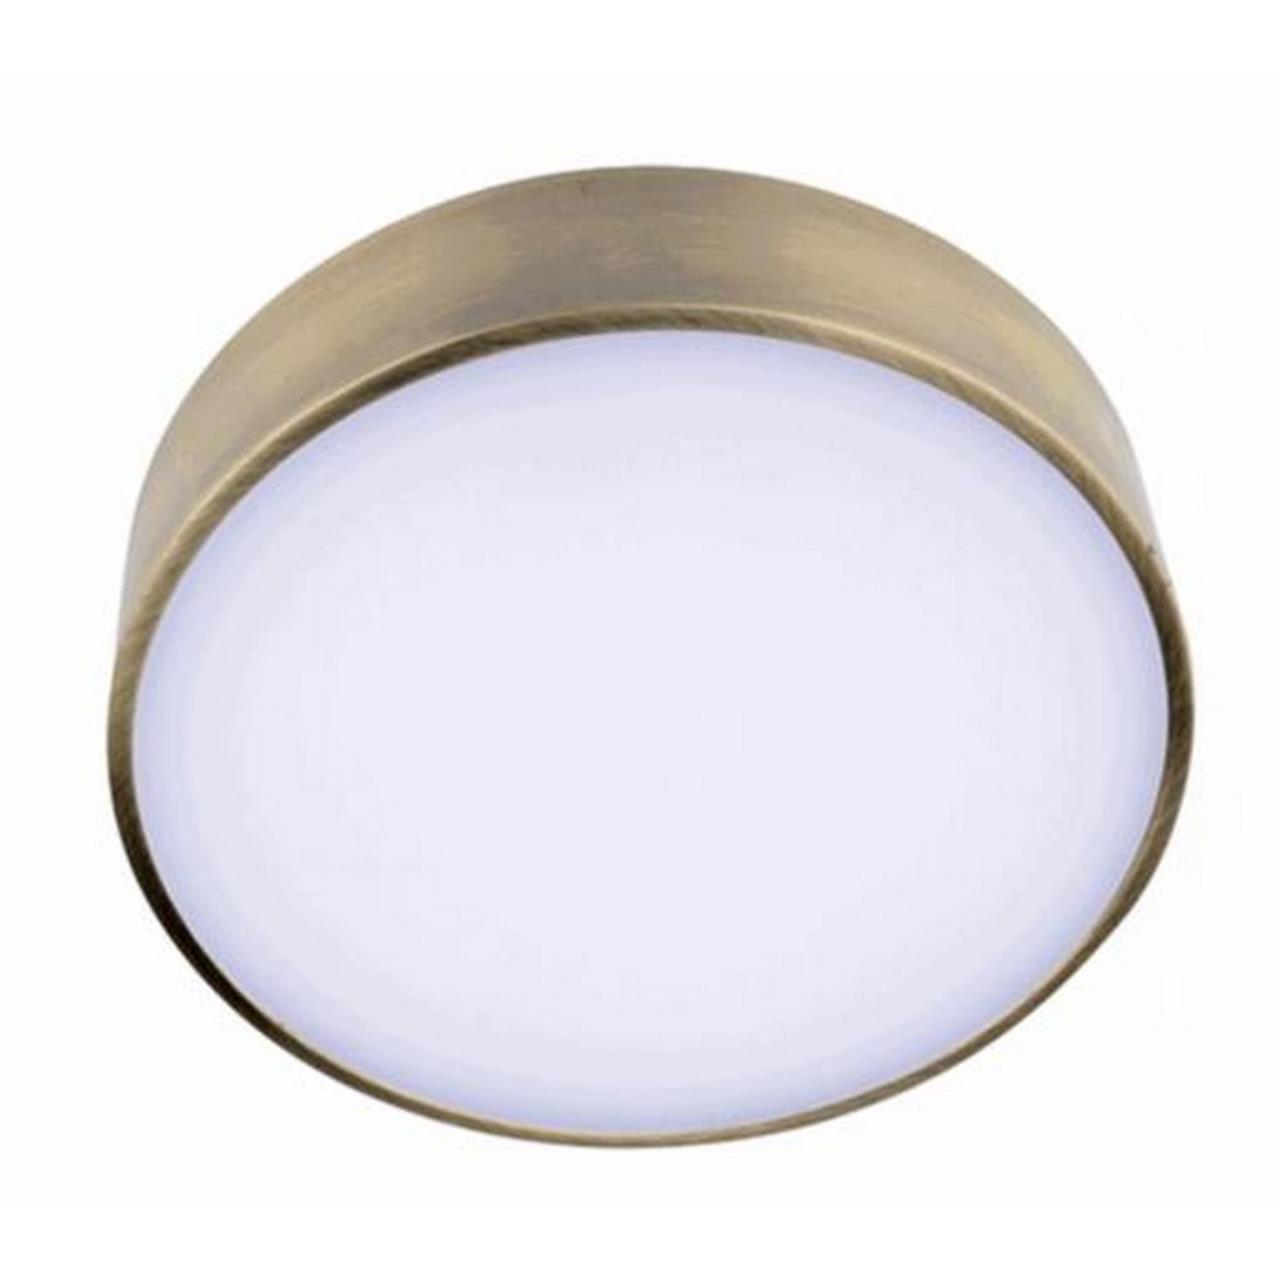 Встраиваемый-накладной светильник Aployt APL.0113.29.12